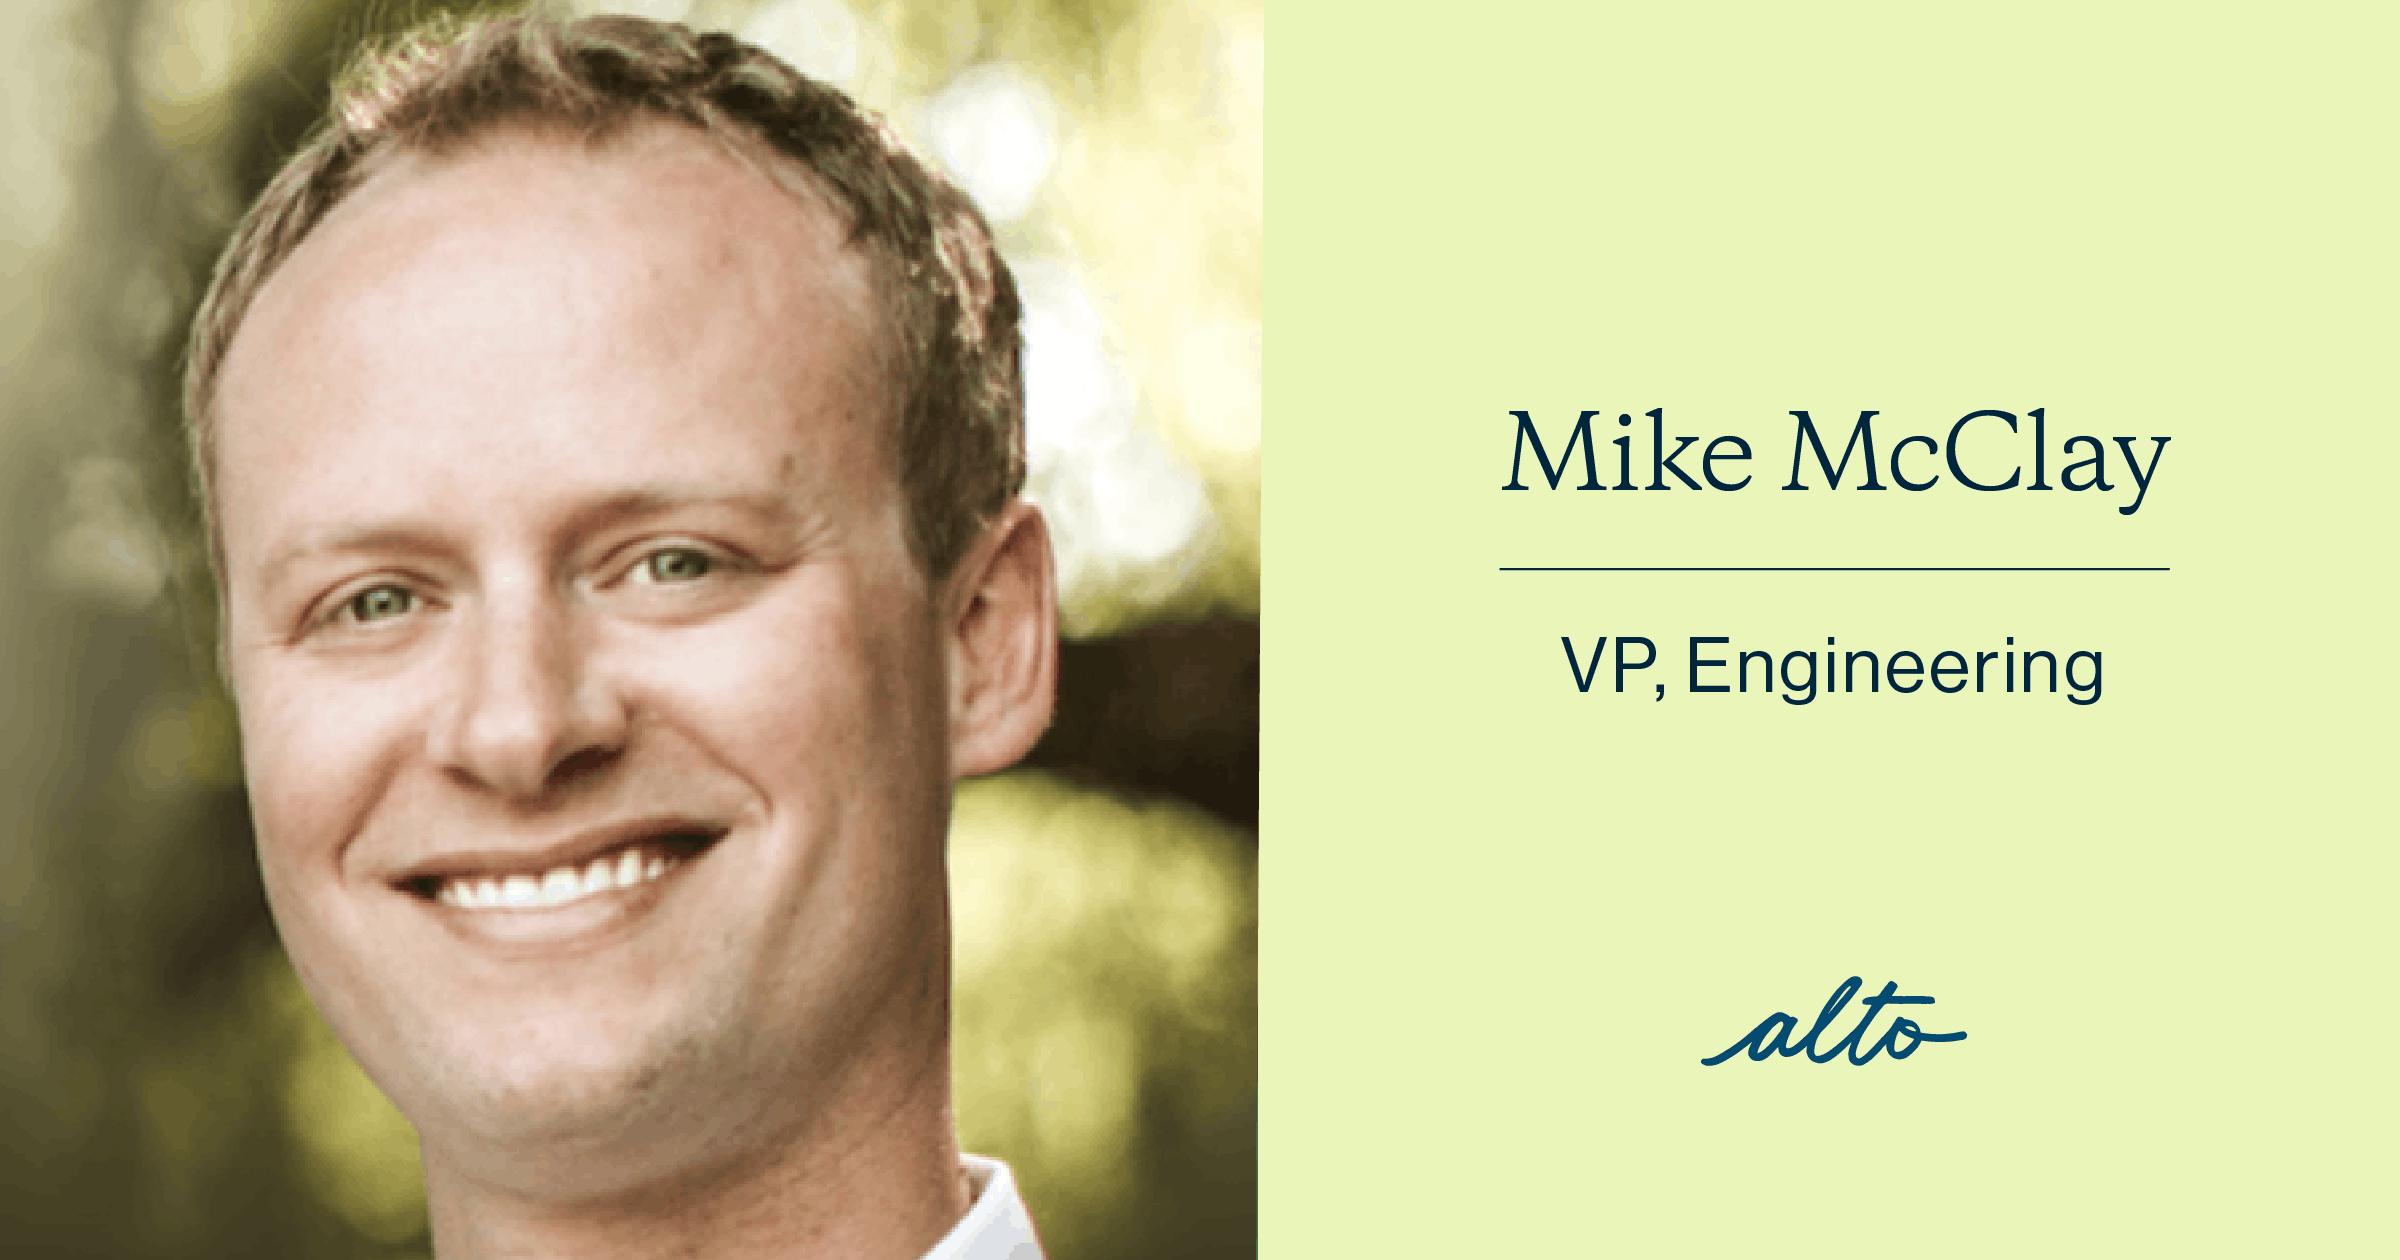 Mike McClay, VP Engineering